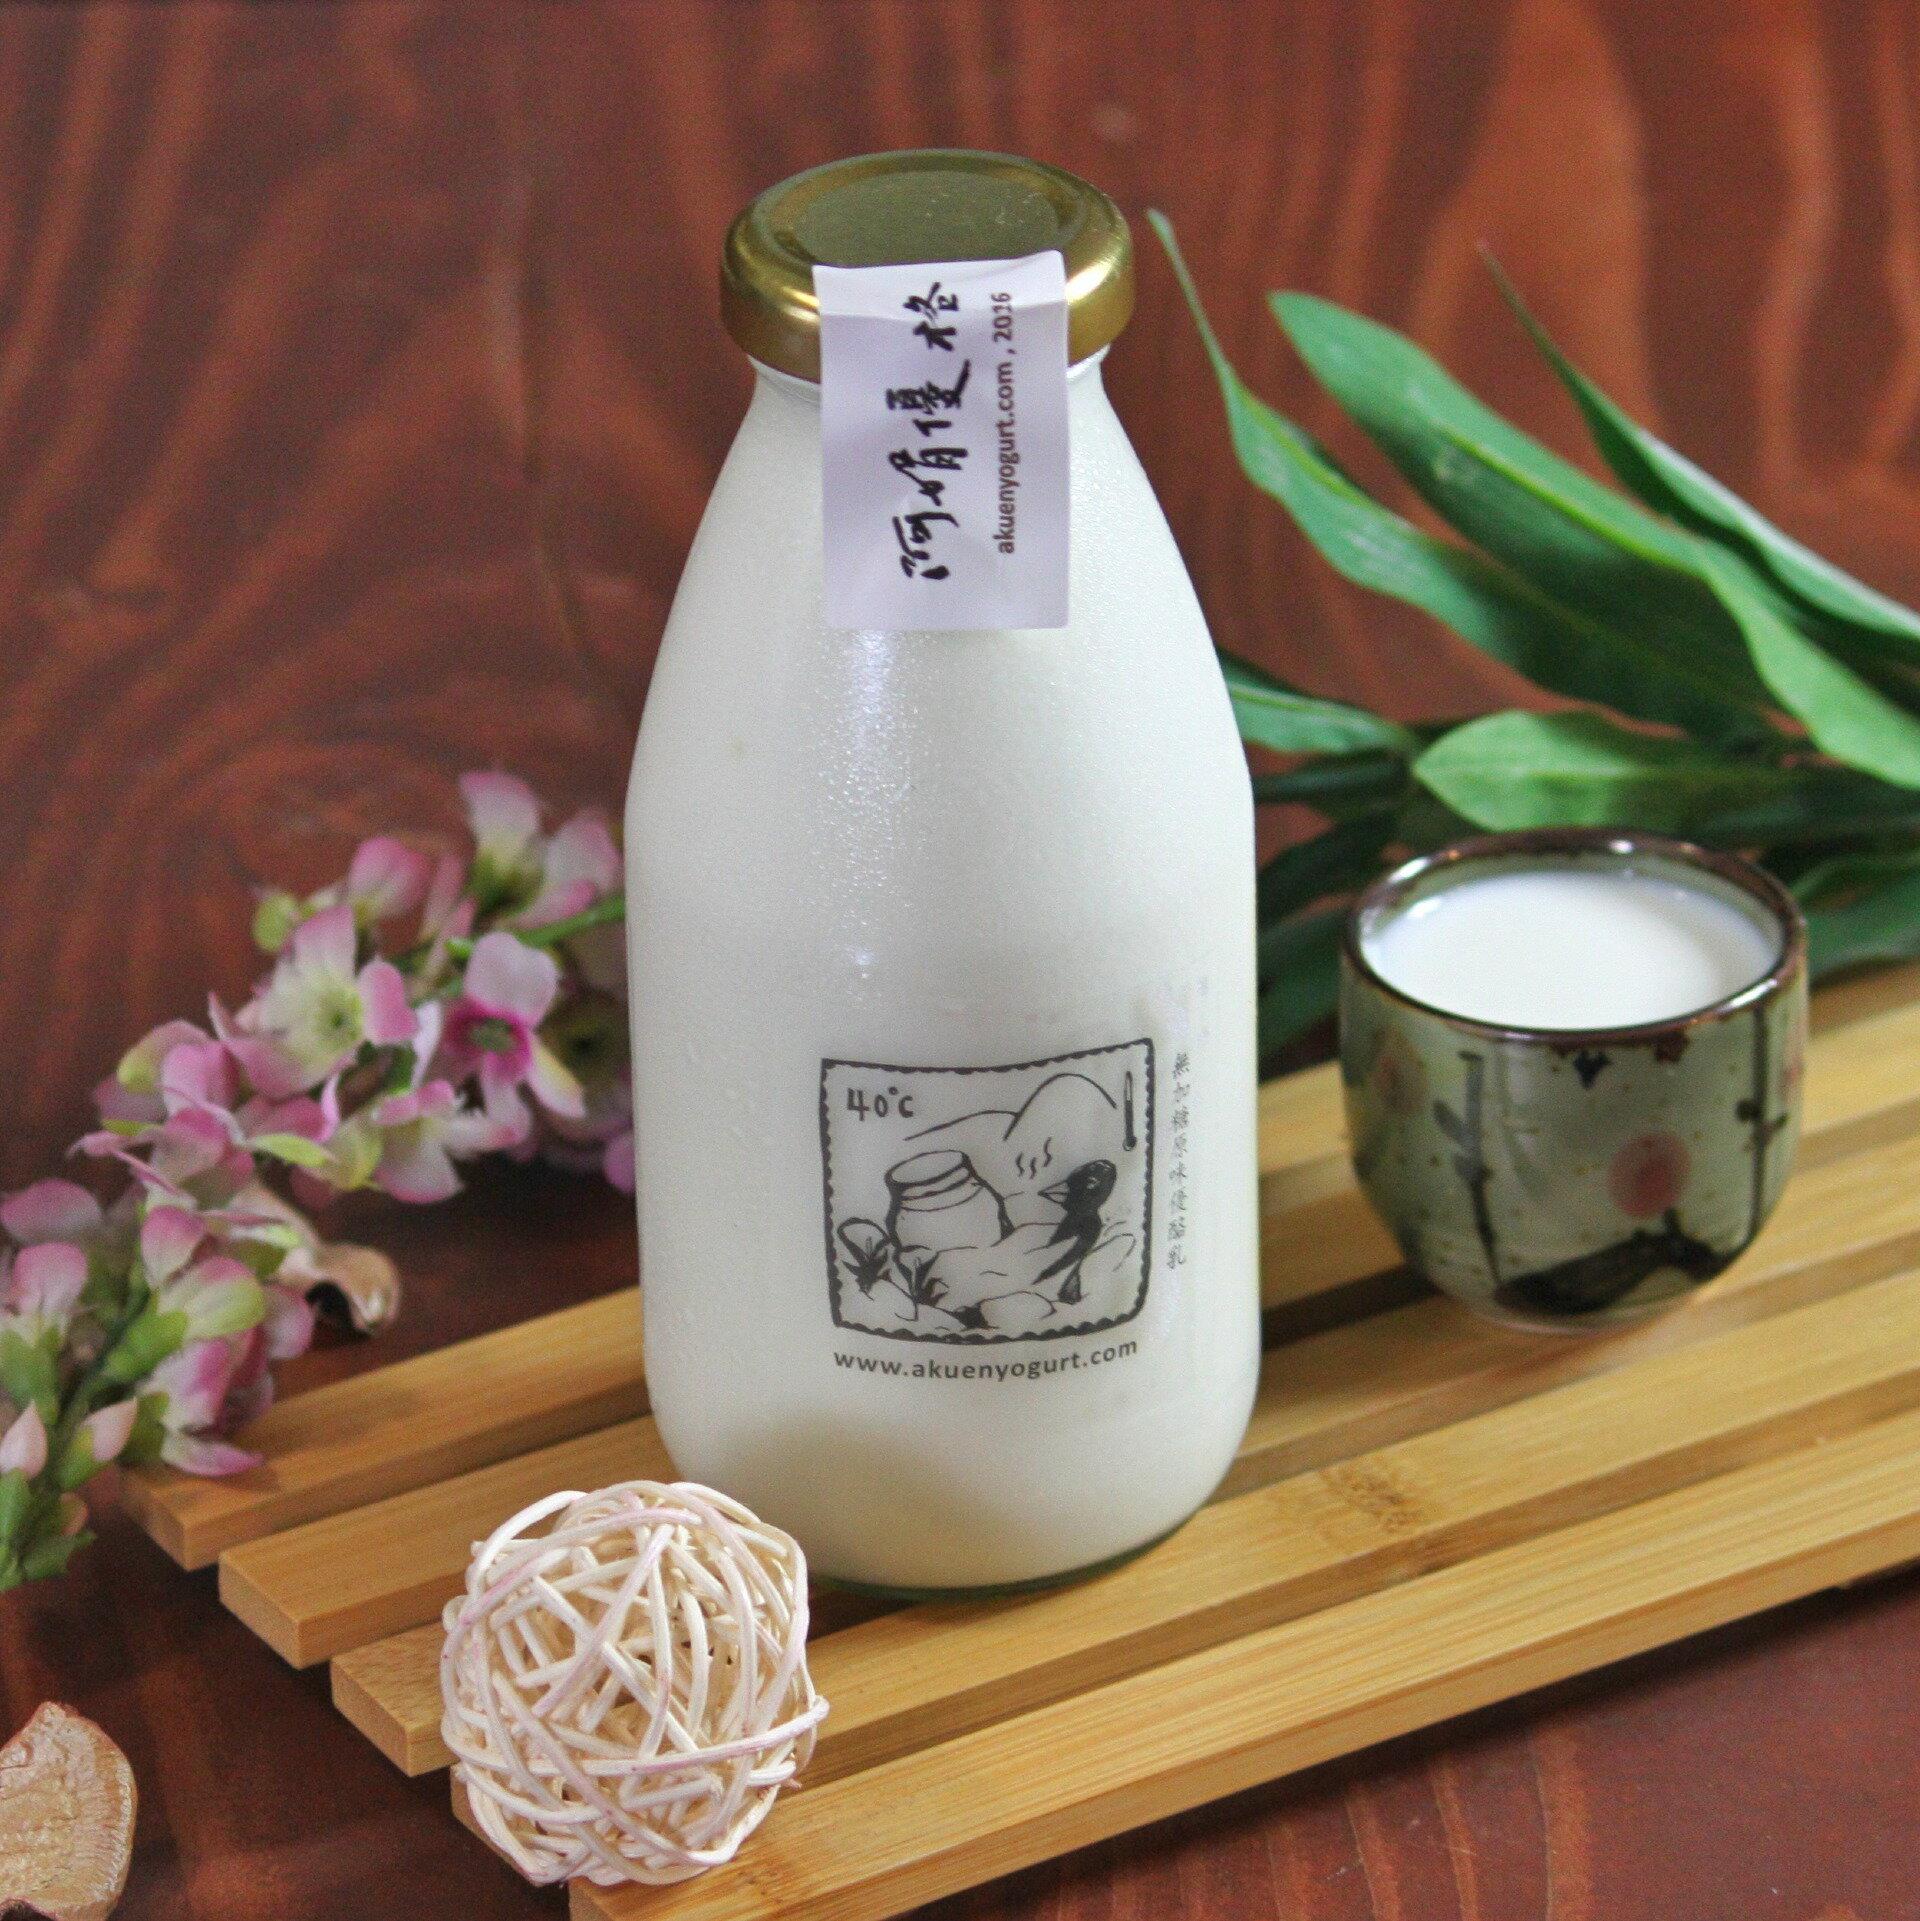 無加糖原味優酪乳(320g)